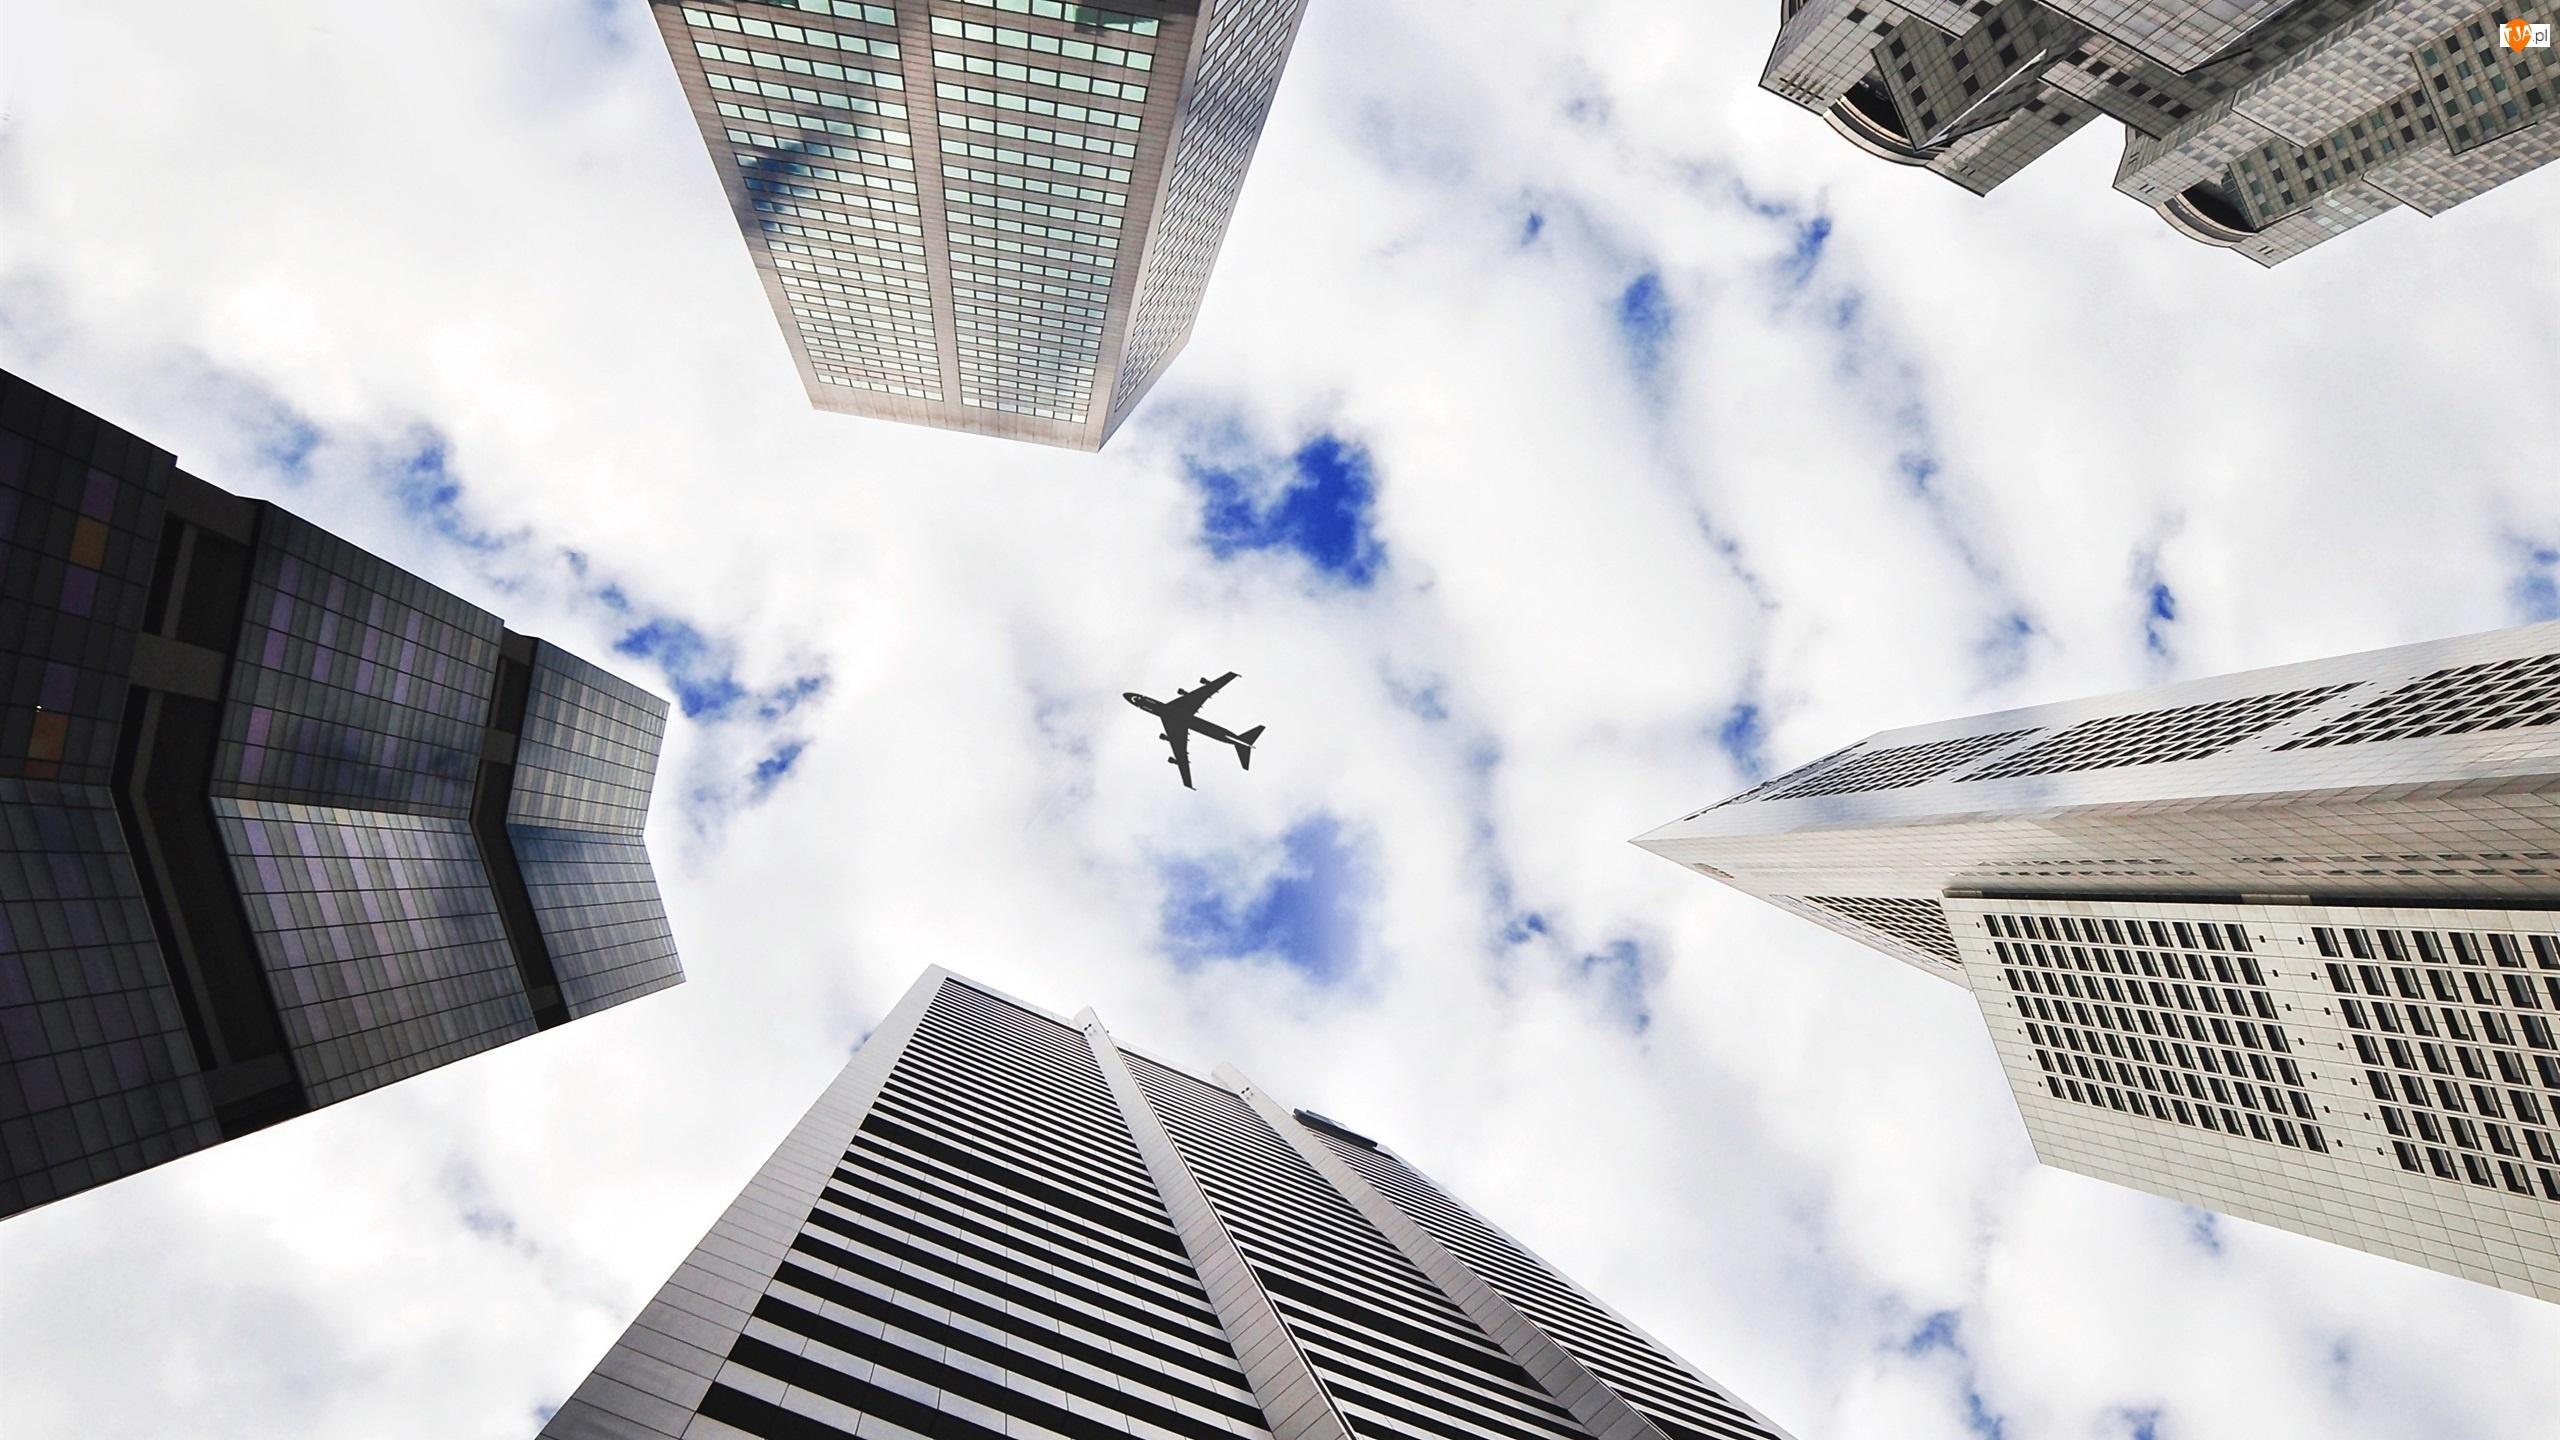 Chmury, Drapacze, Samolot, Chmur, Niebo, Domy